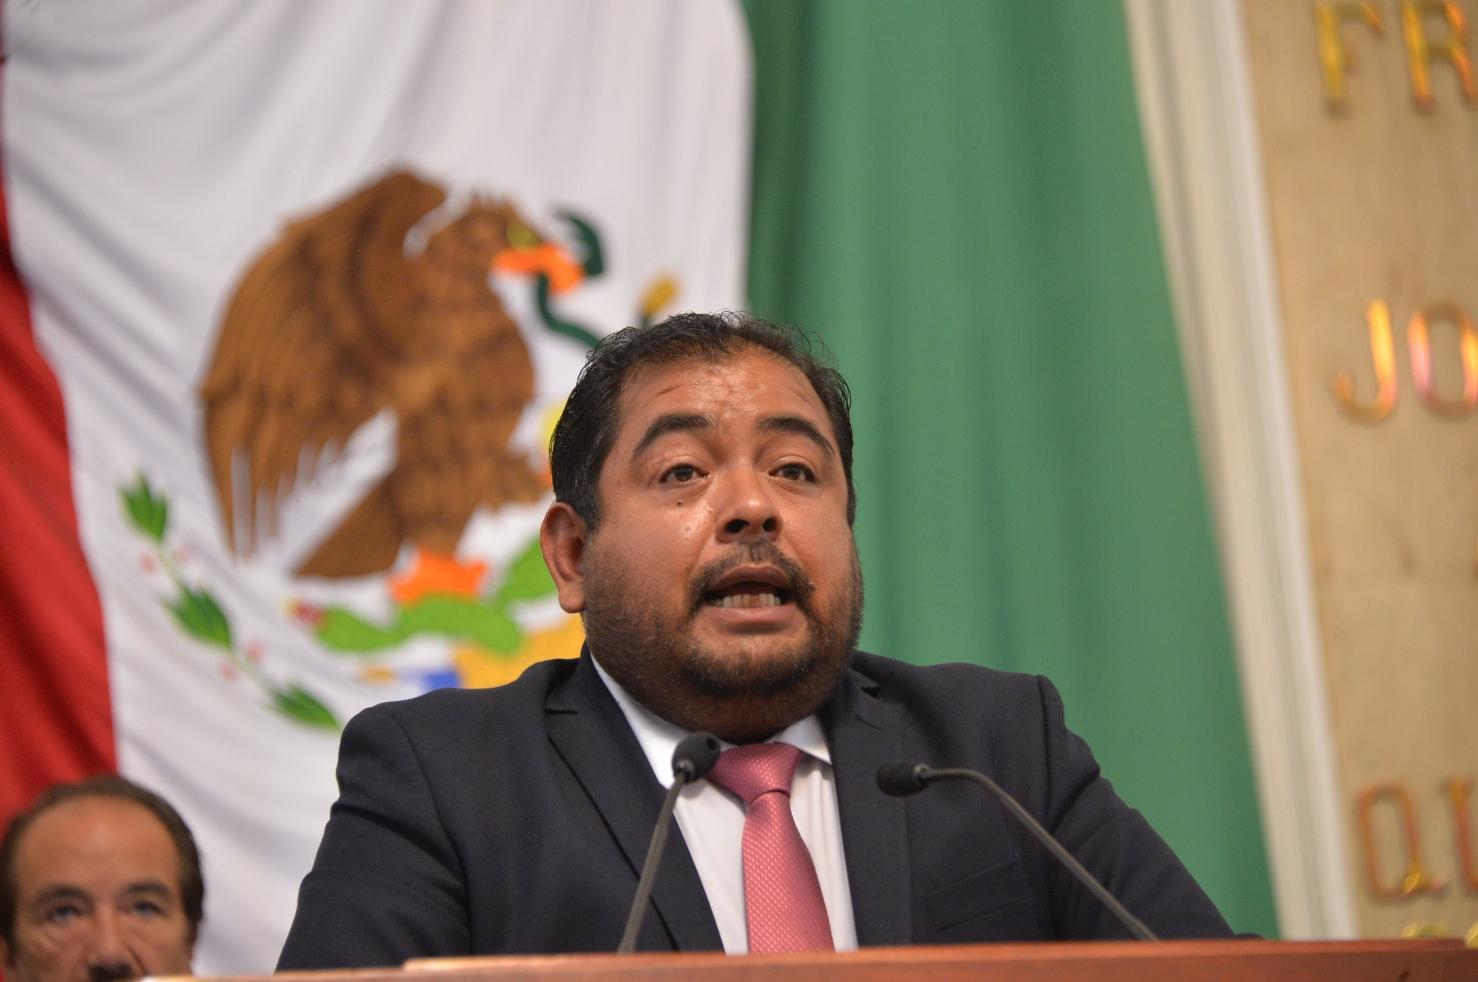 Exhorta Congreso Local a mejorar Infraestructura Hospitalaria y Equipamiento Urbano de la Ciudad de México